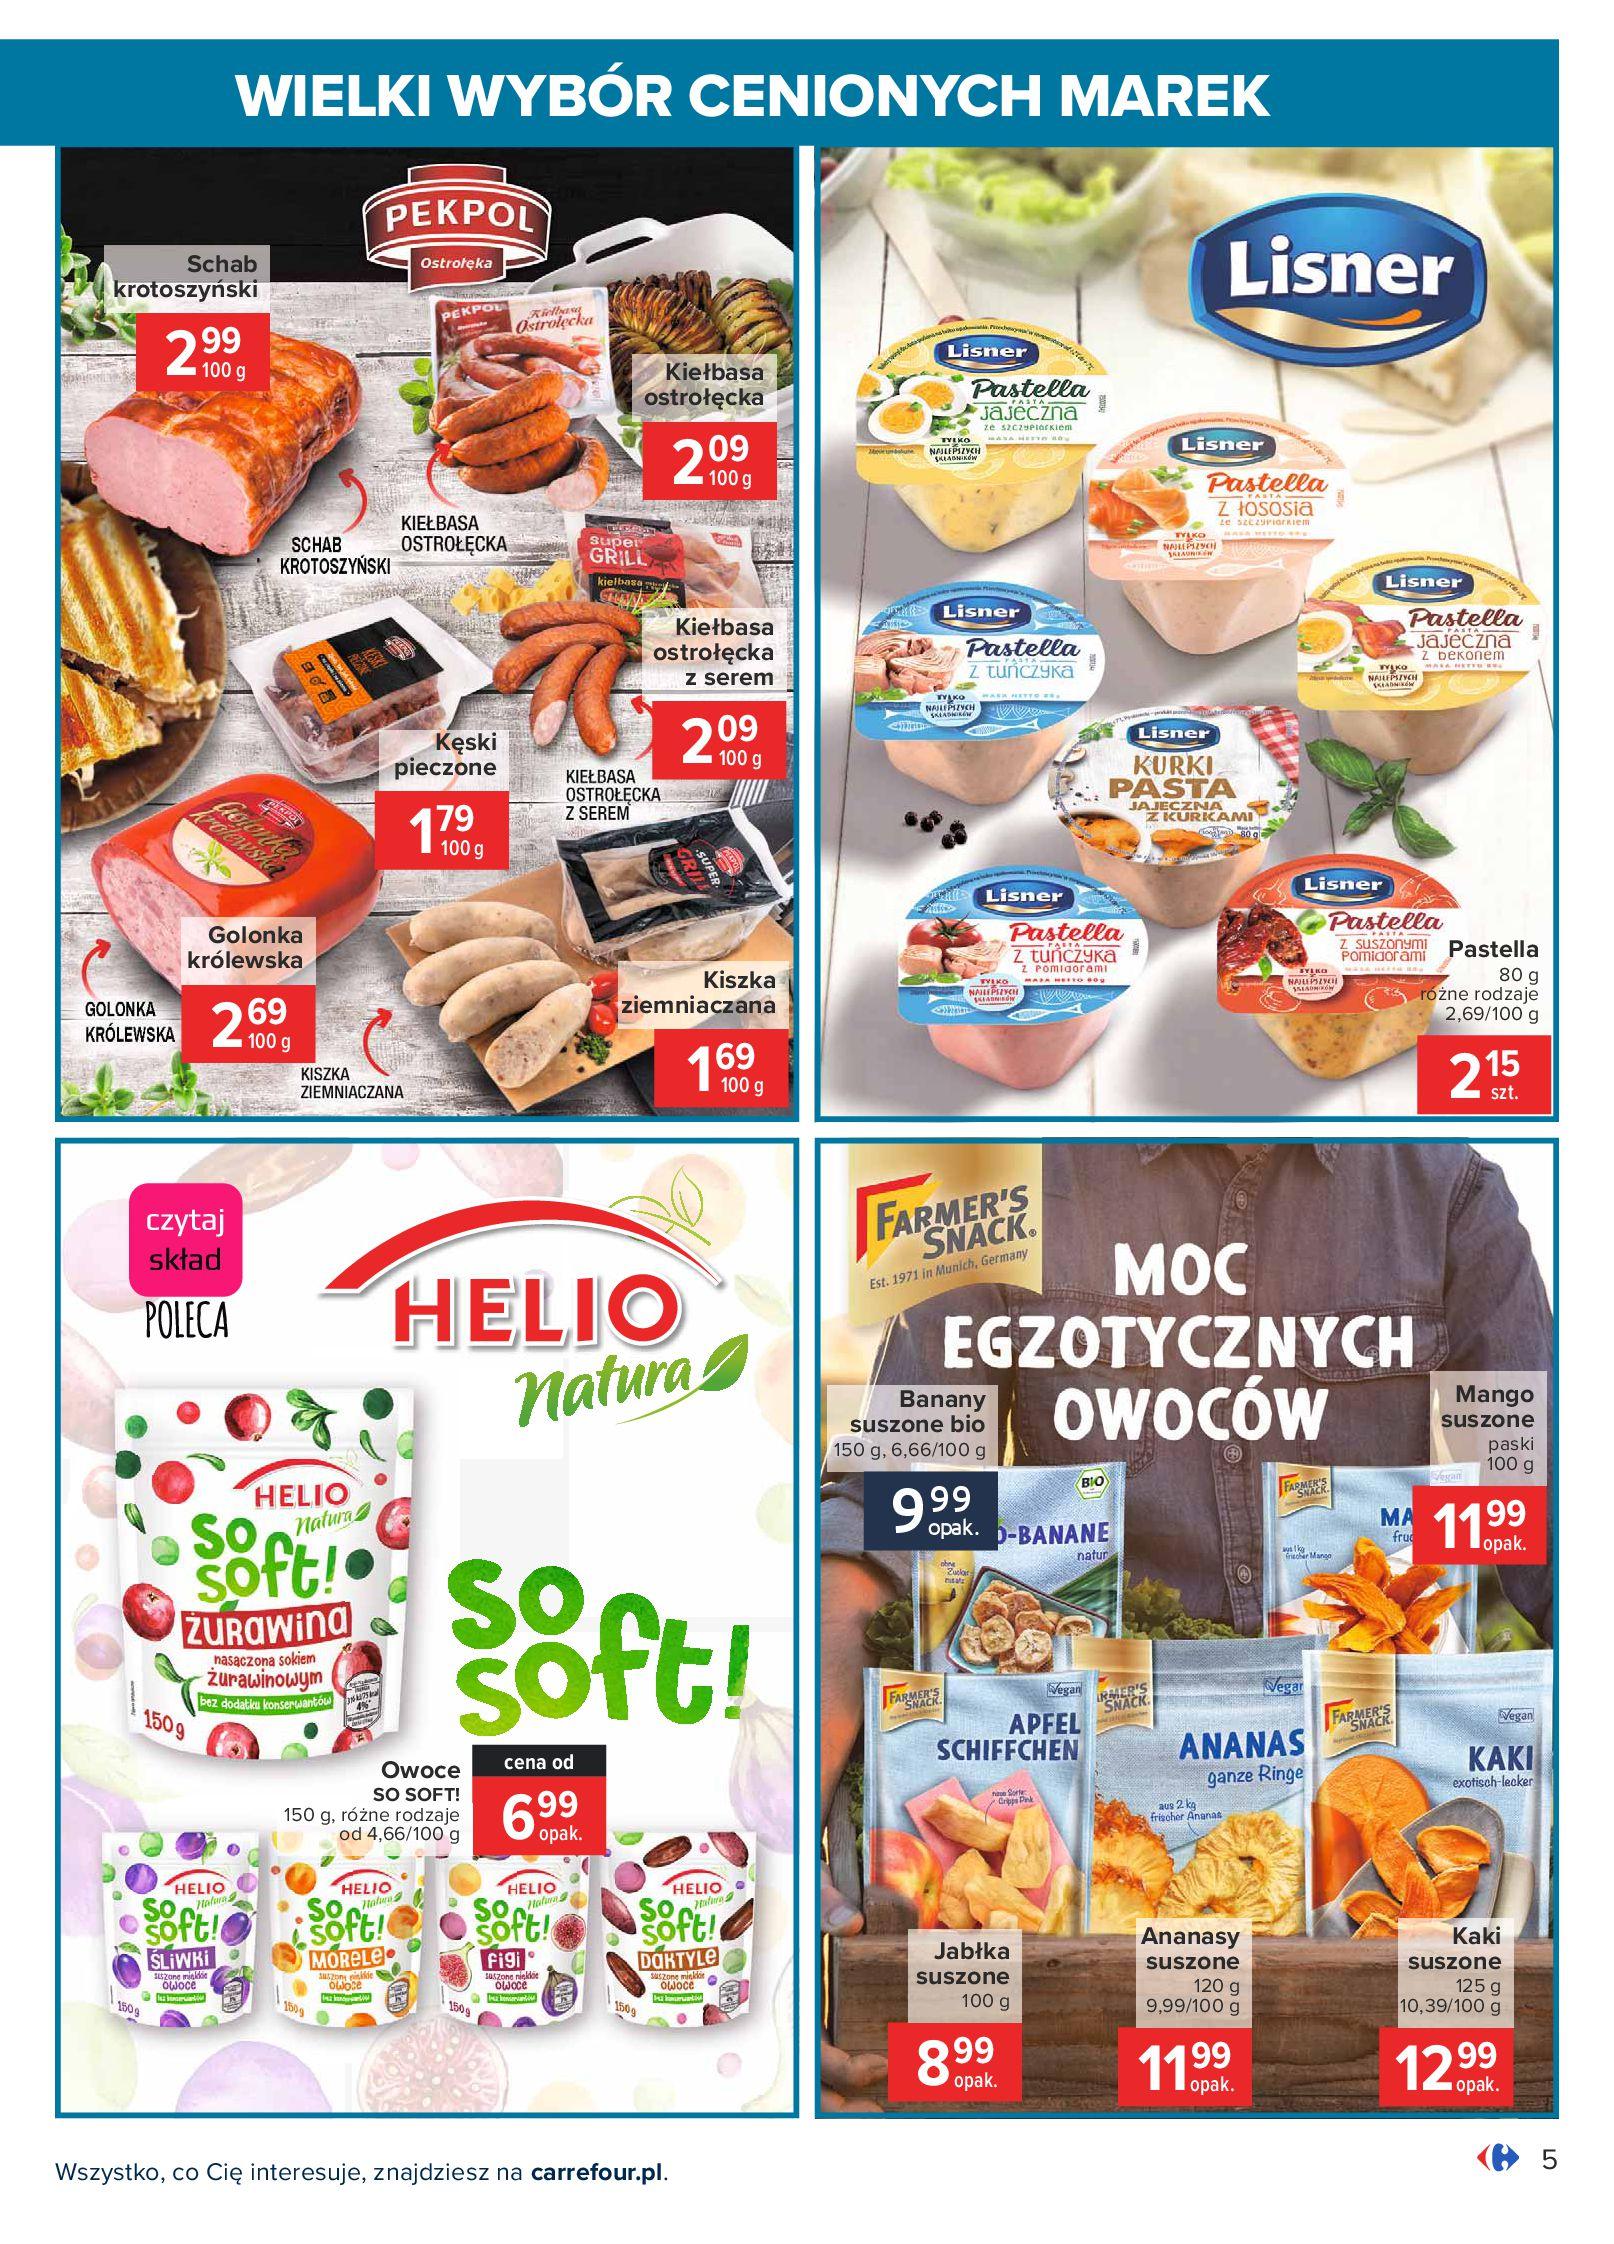 Gazetka Carrefour: Wielki wybór cenionych marek 2021-05-04 page-5